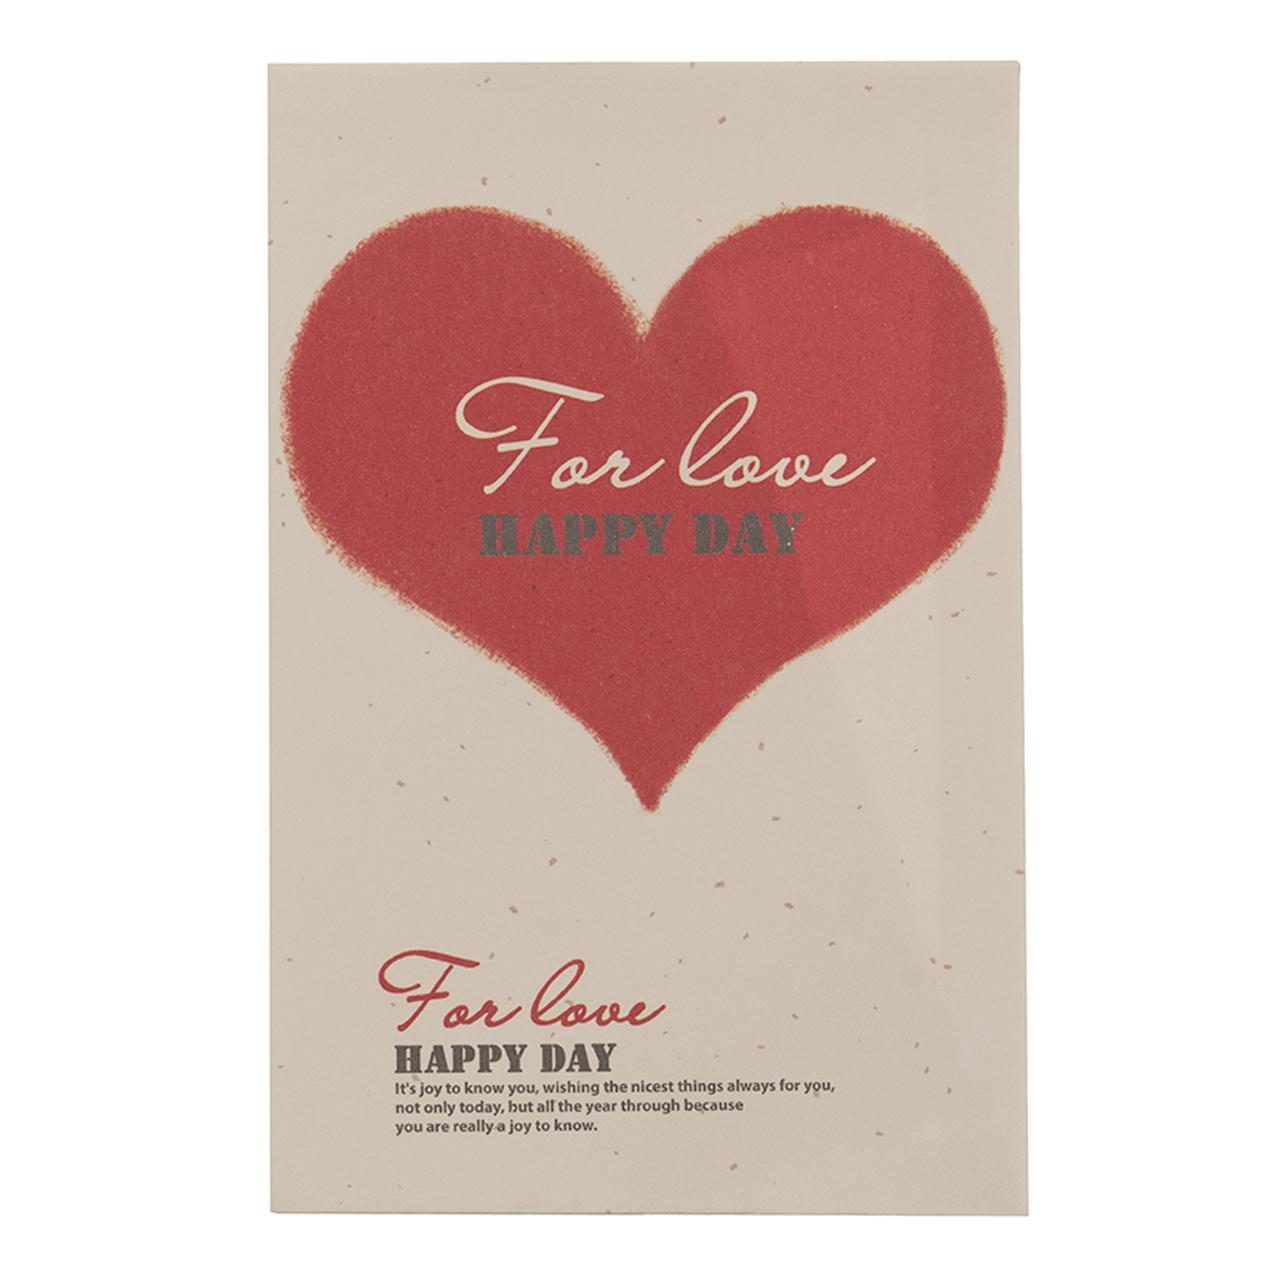 پاکت هدیه طرح قلبی کد M 455 بسته 6 عددی